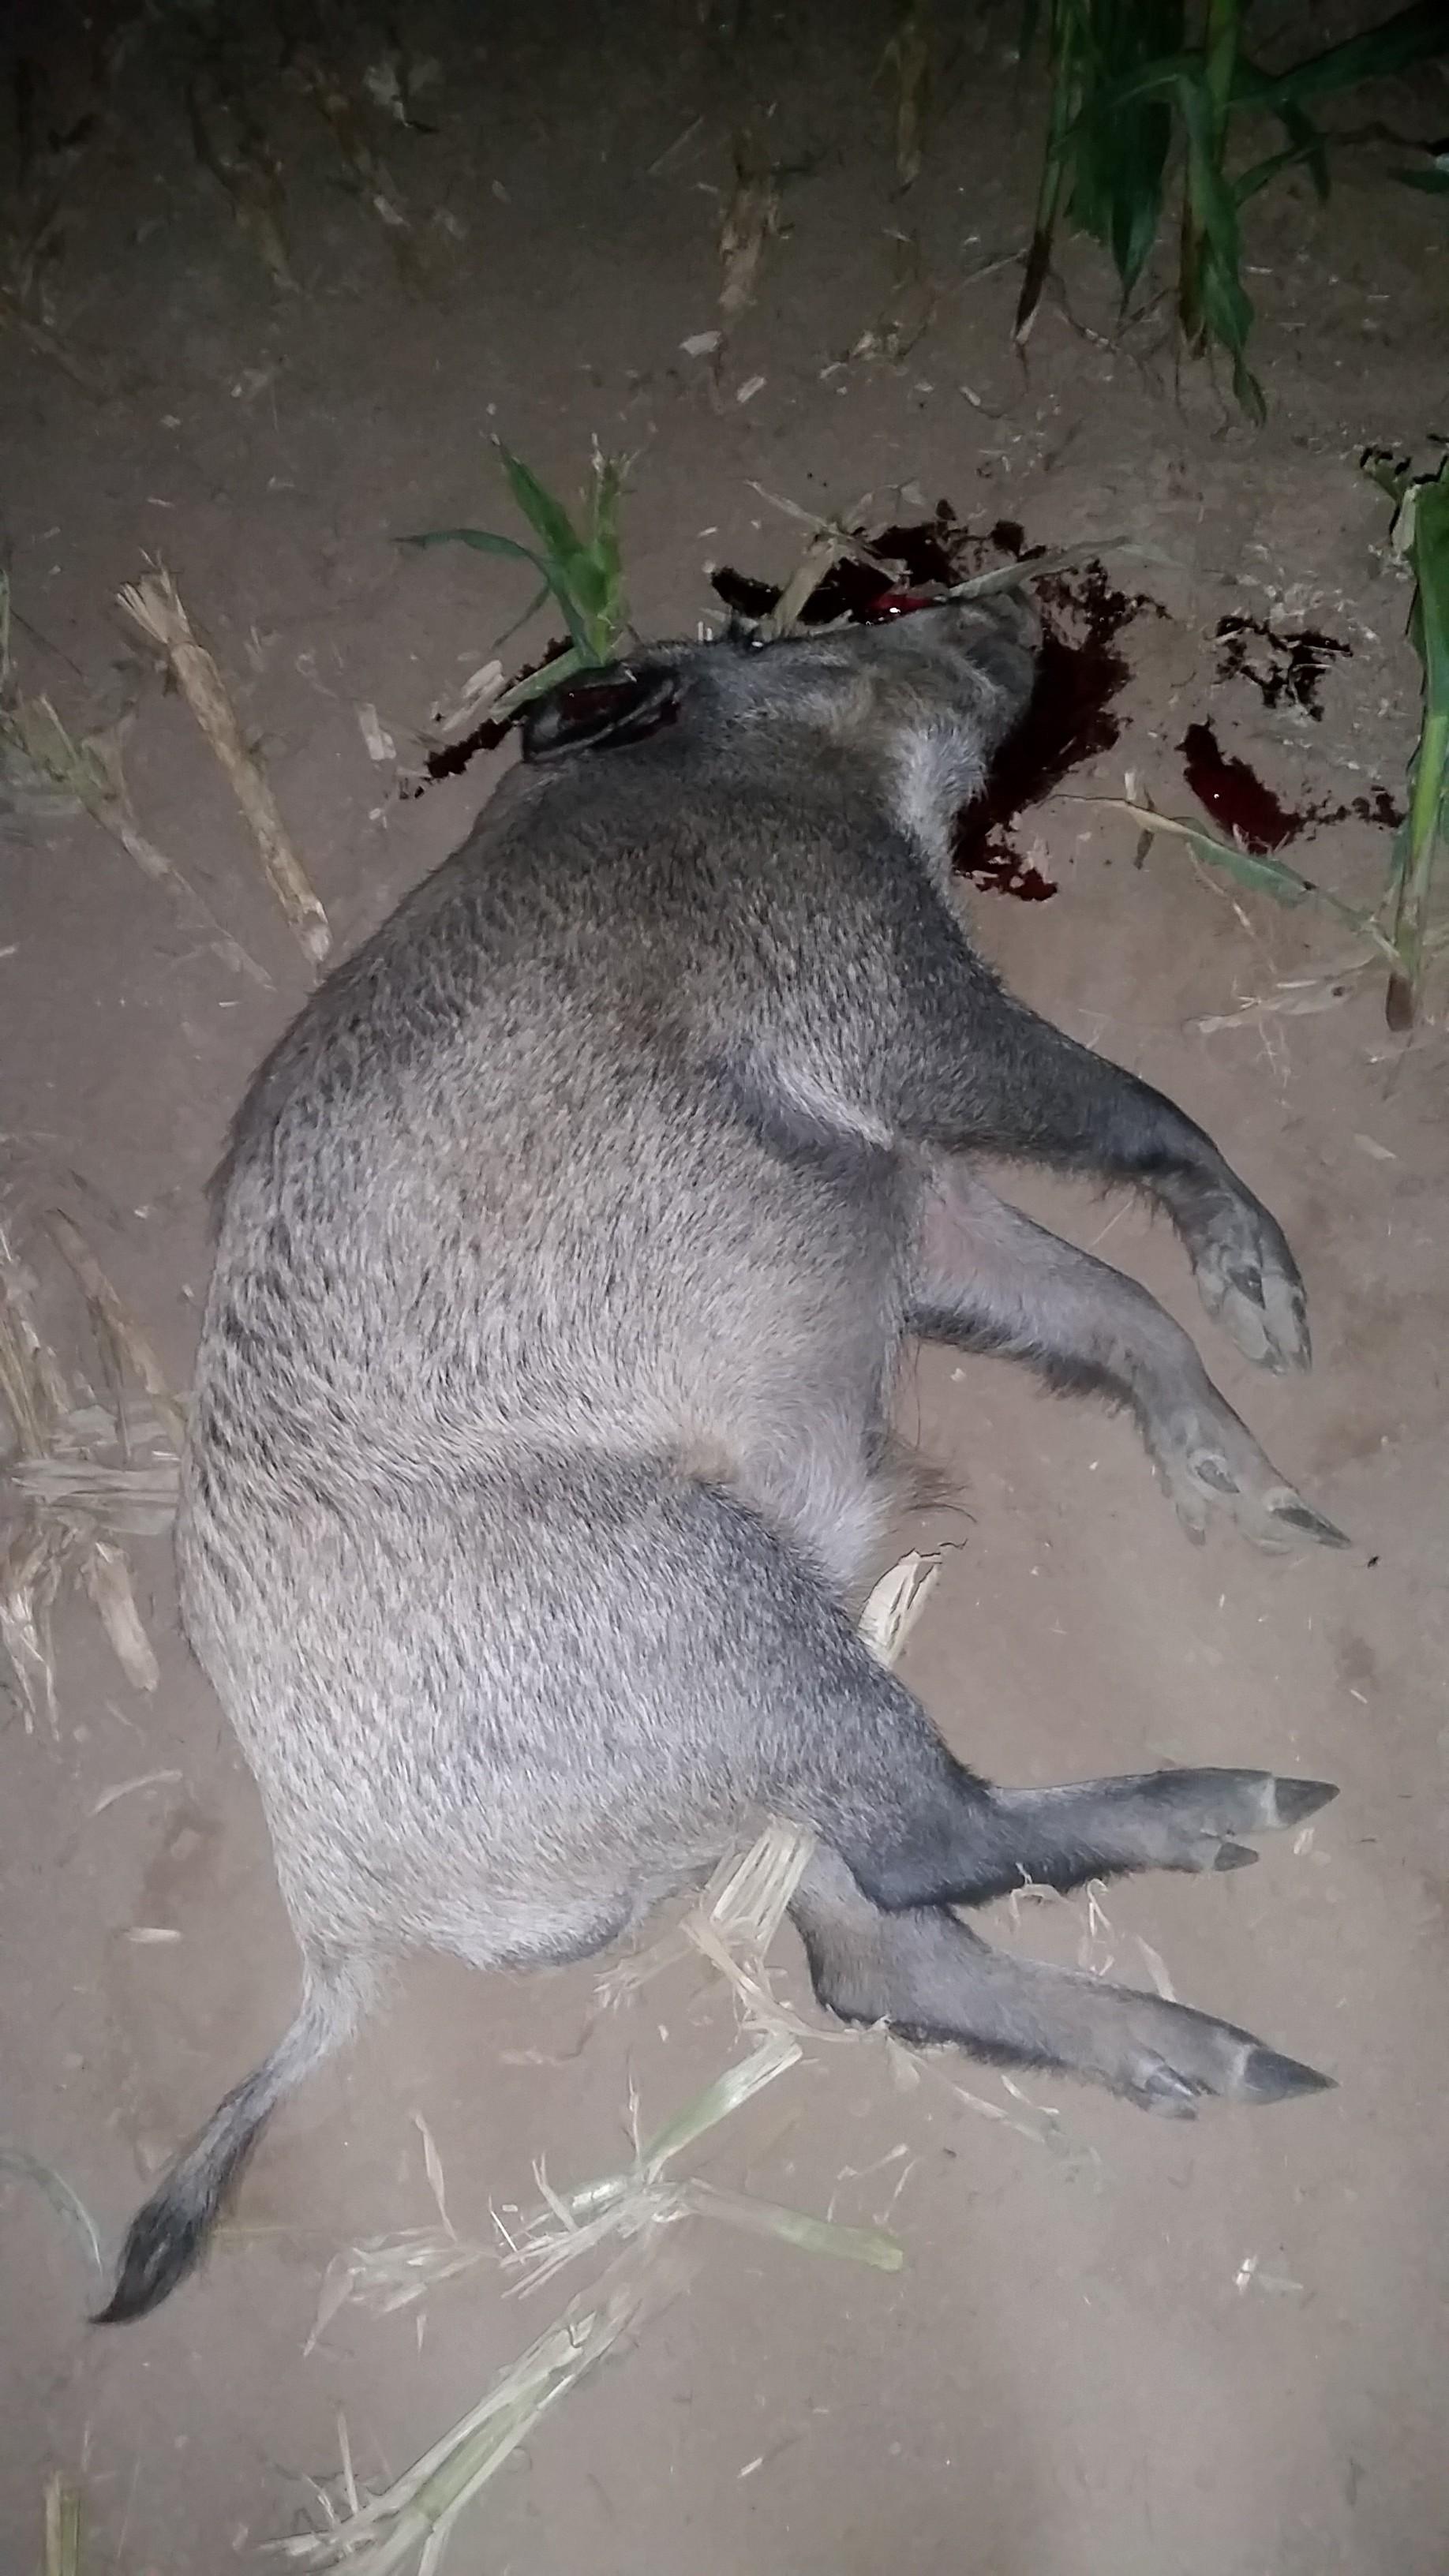 Der Überläuferkeiler lag mit sauberen Schuss am Anschuss. jaegermagazin jagd wilddiebe sauen schwarzwild wildacker reilmann